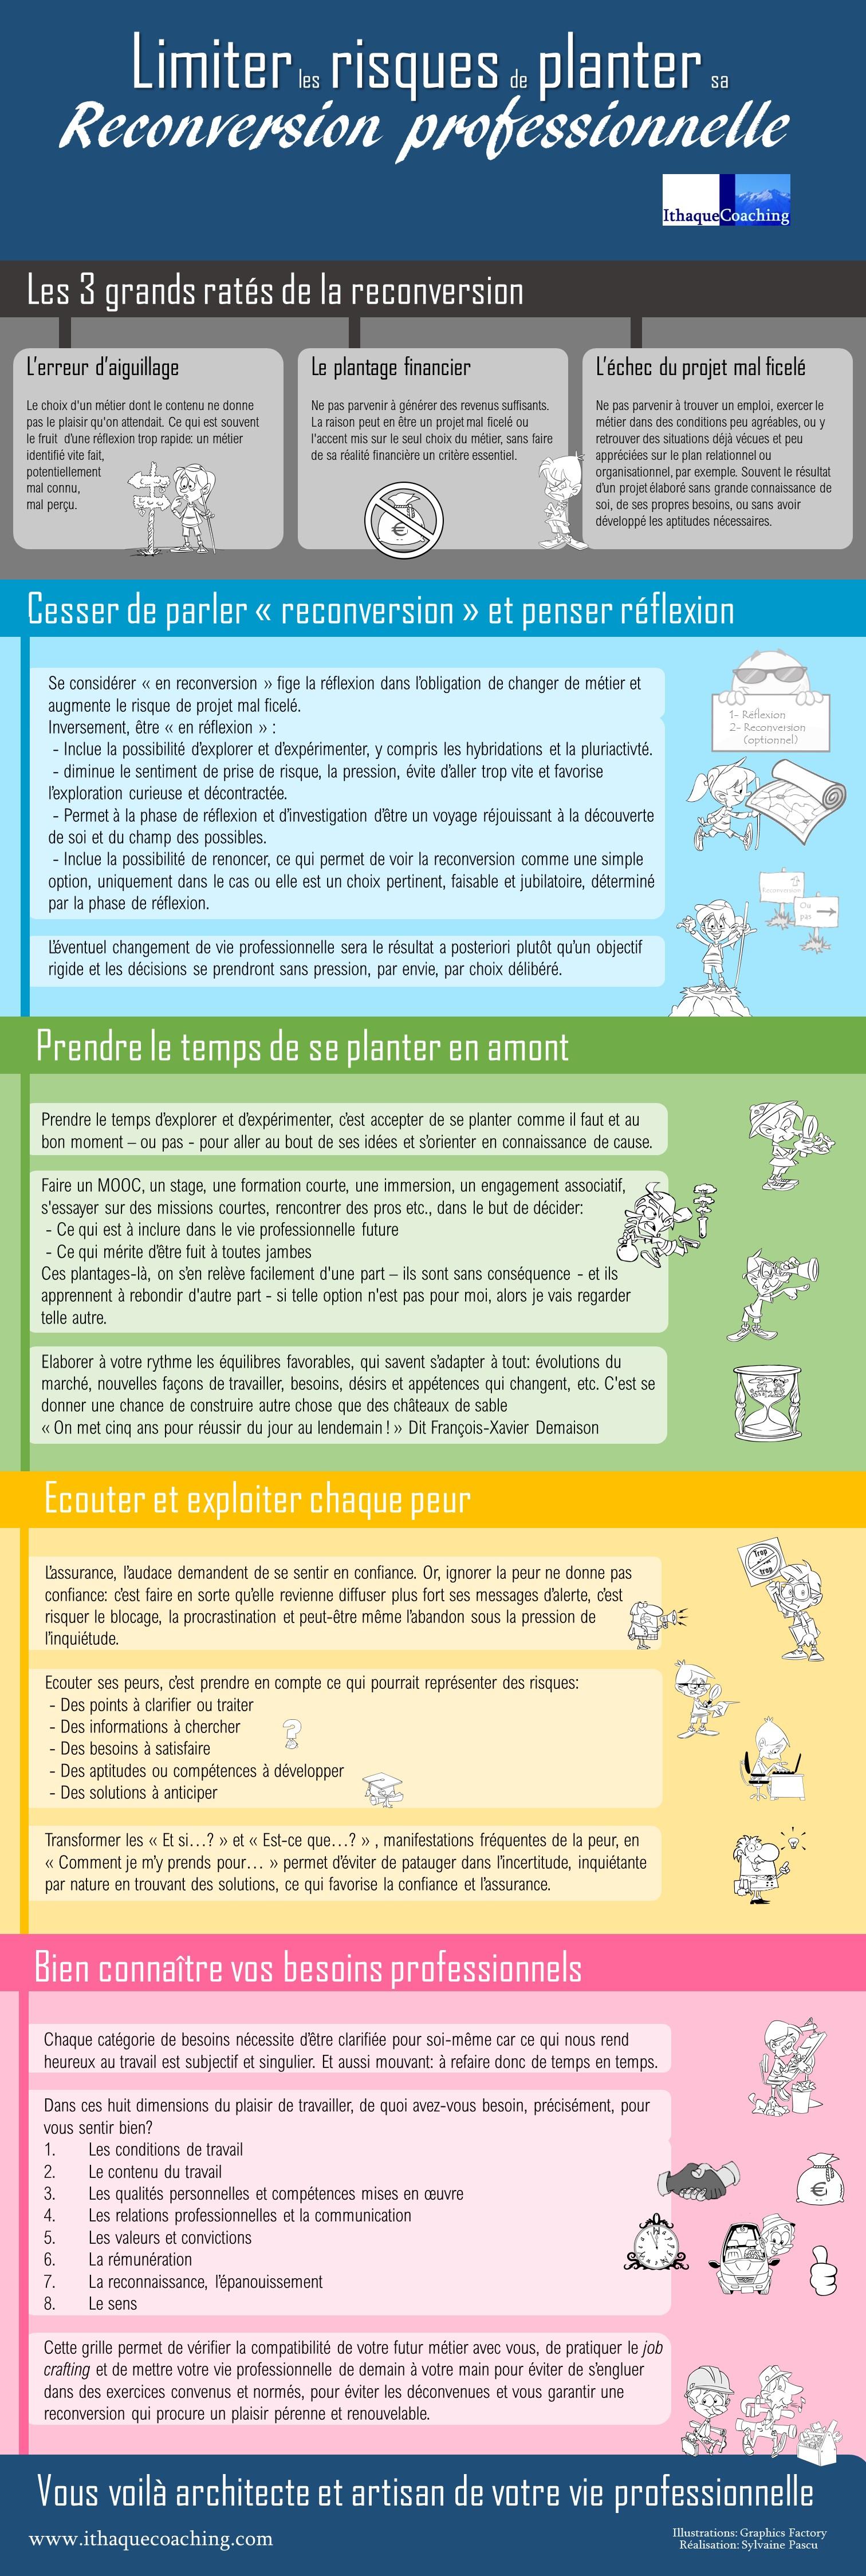 3 plantages courants en reconversion et 4 façons de les éviter